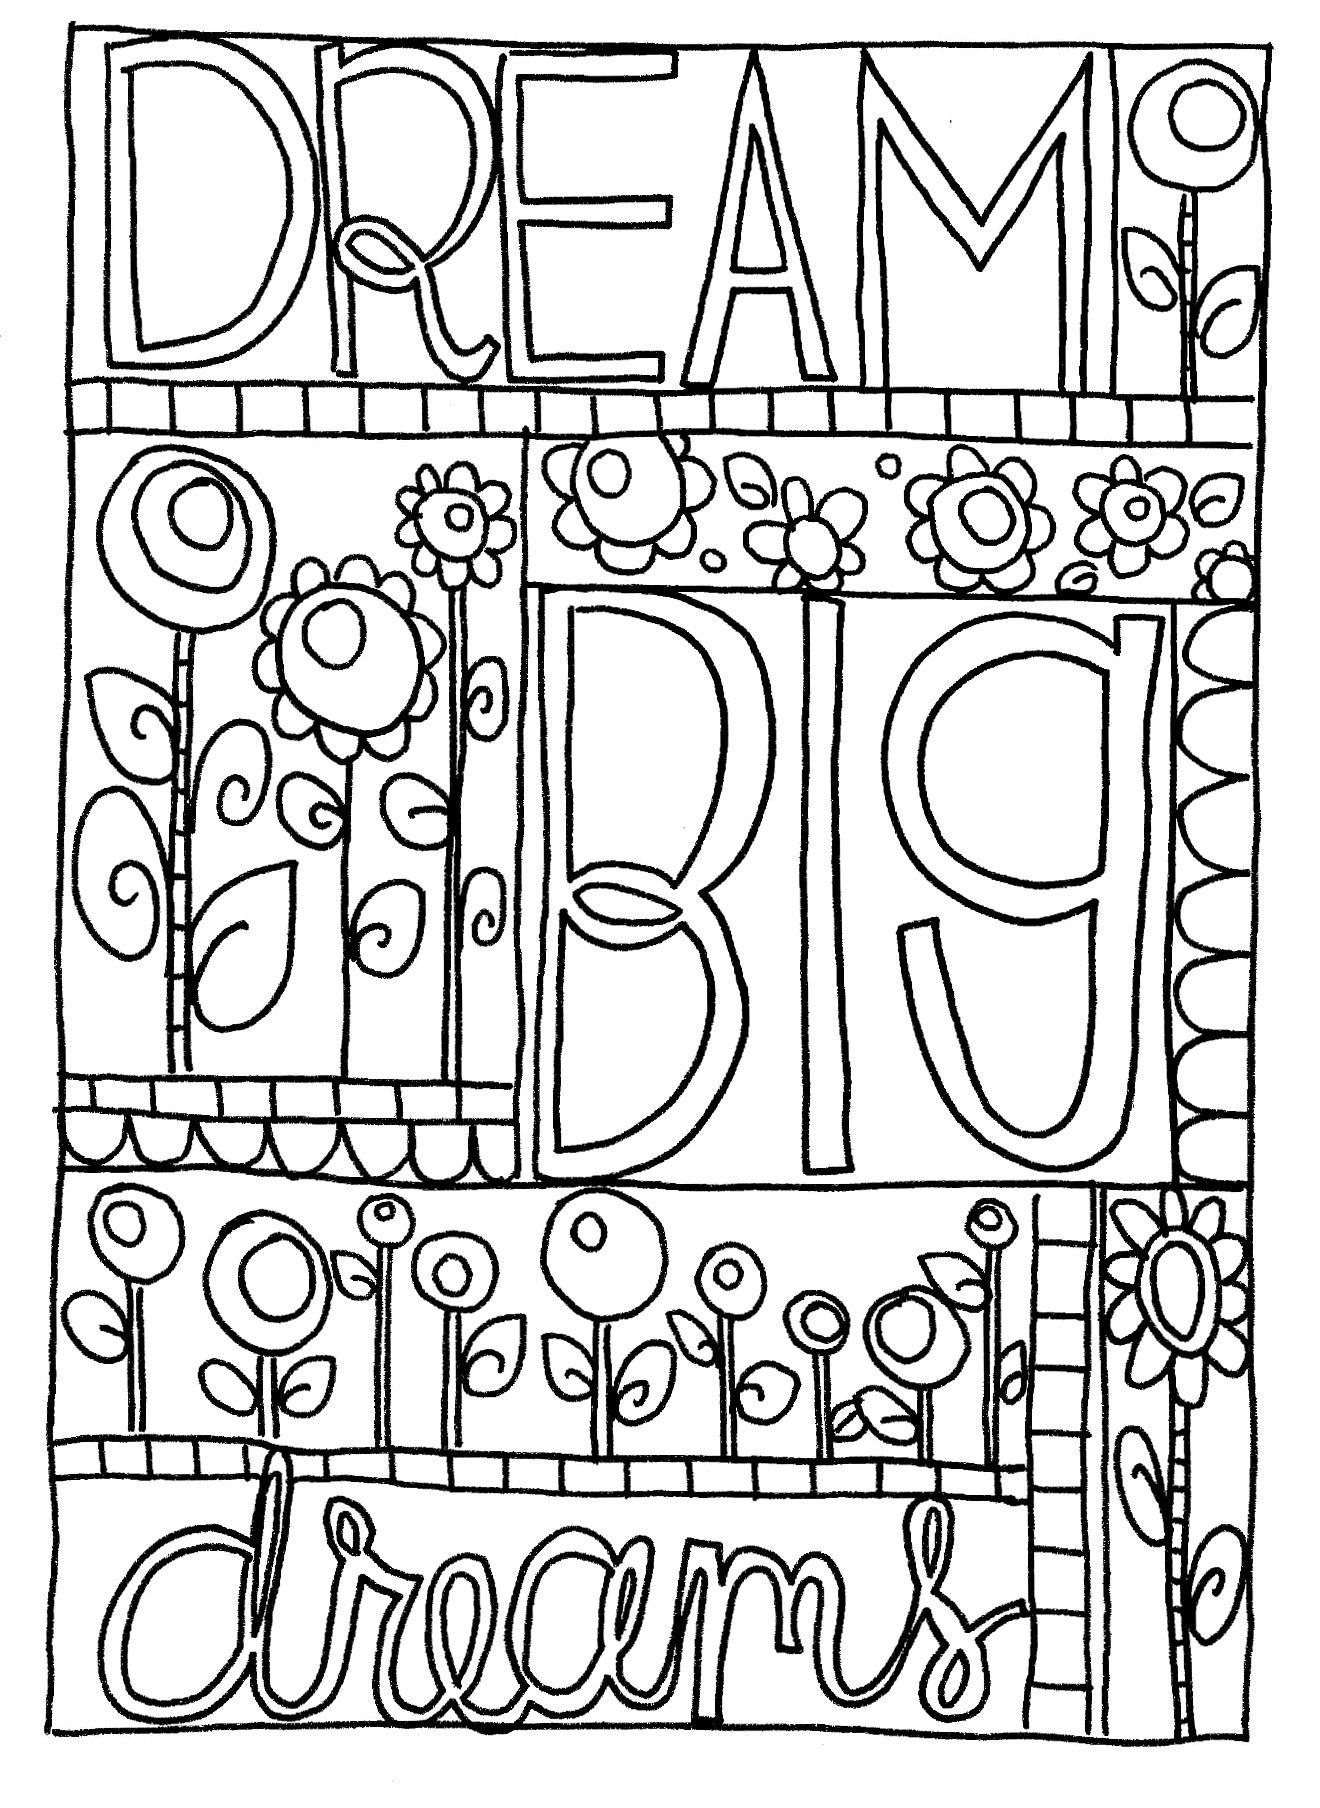 Dream Big Coloring